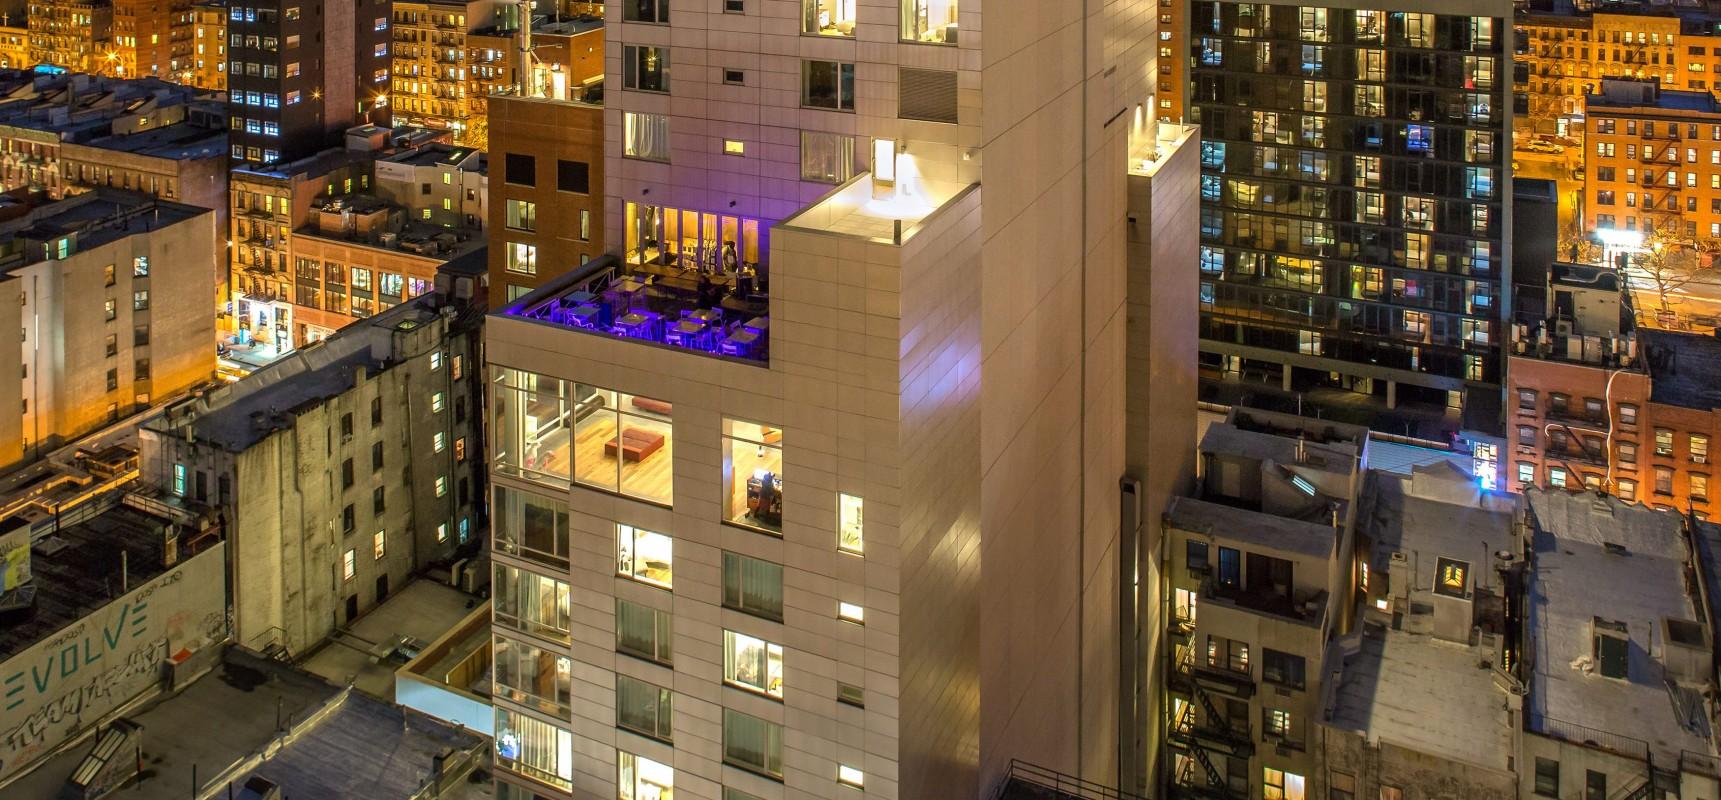 hotel-indigo-2.jpg